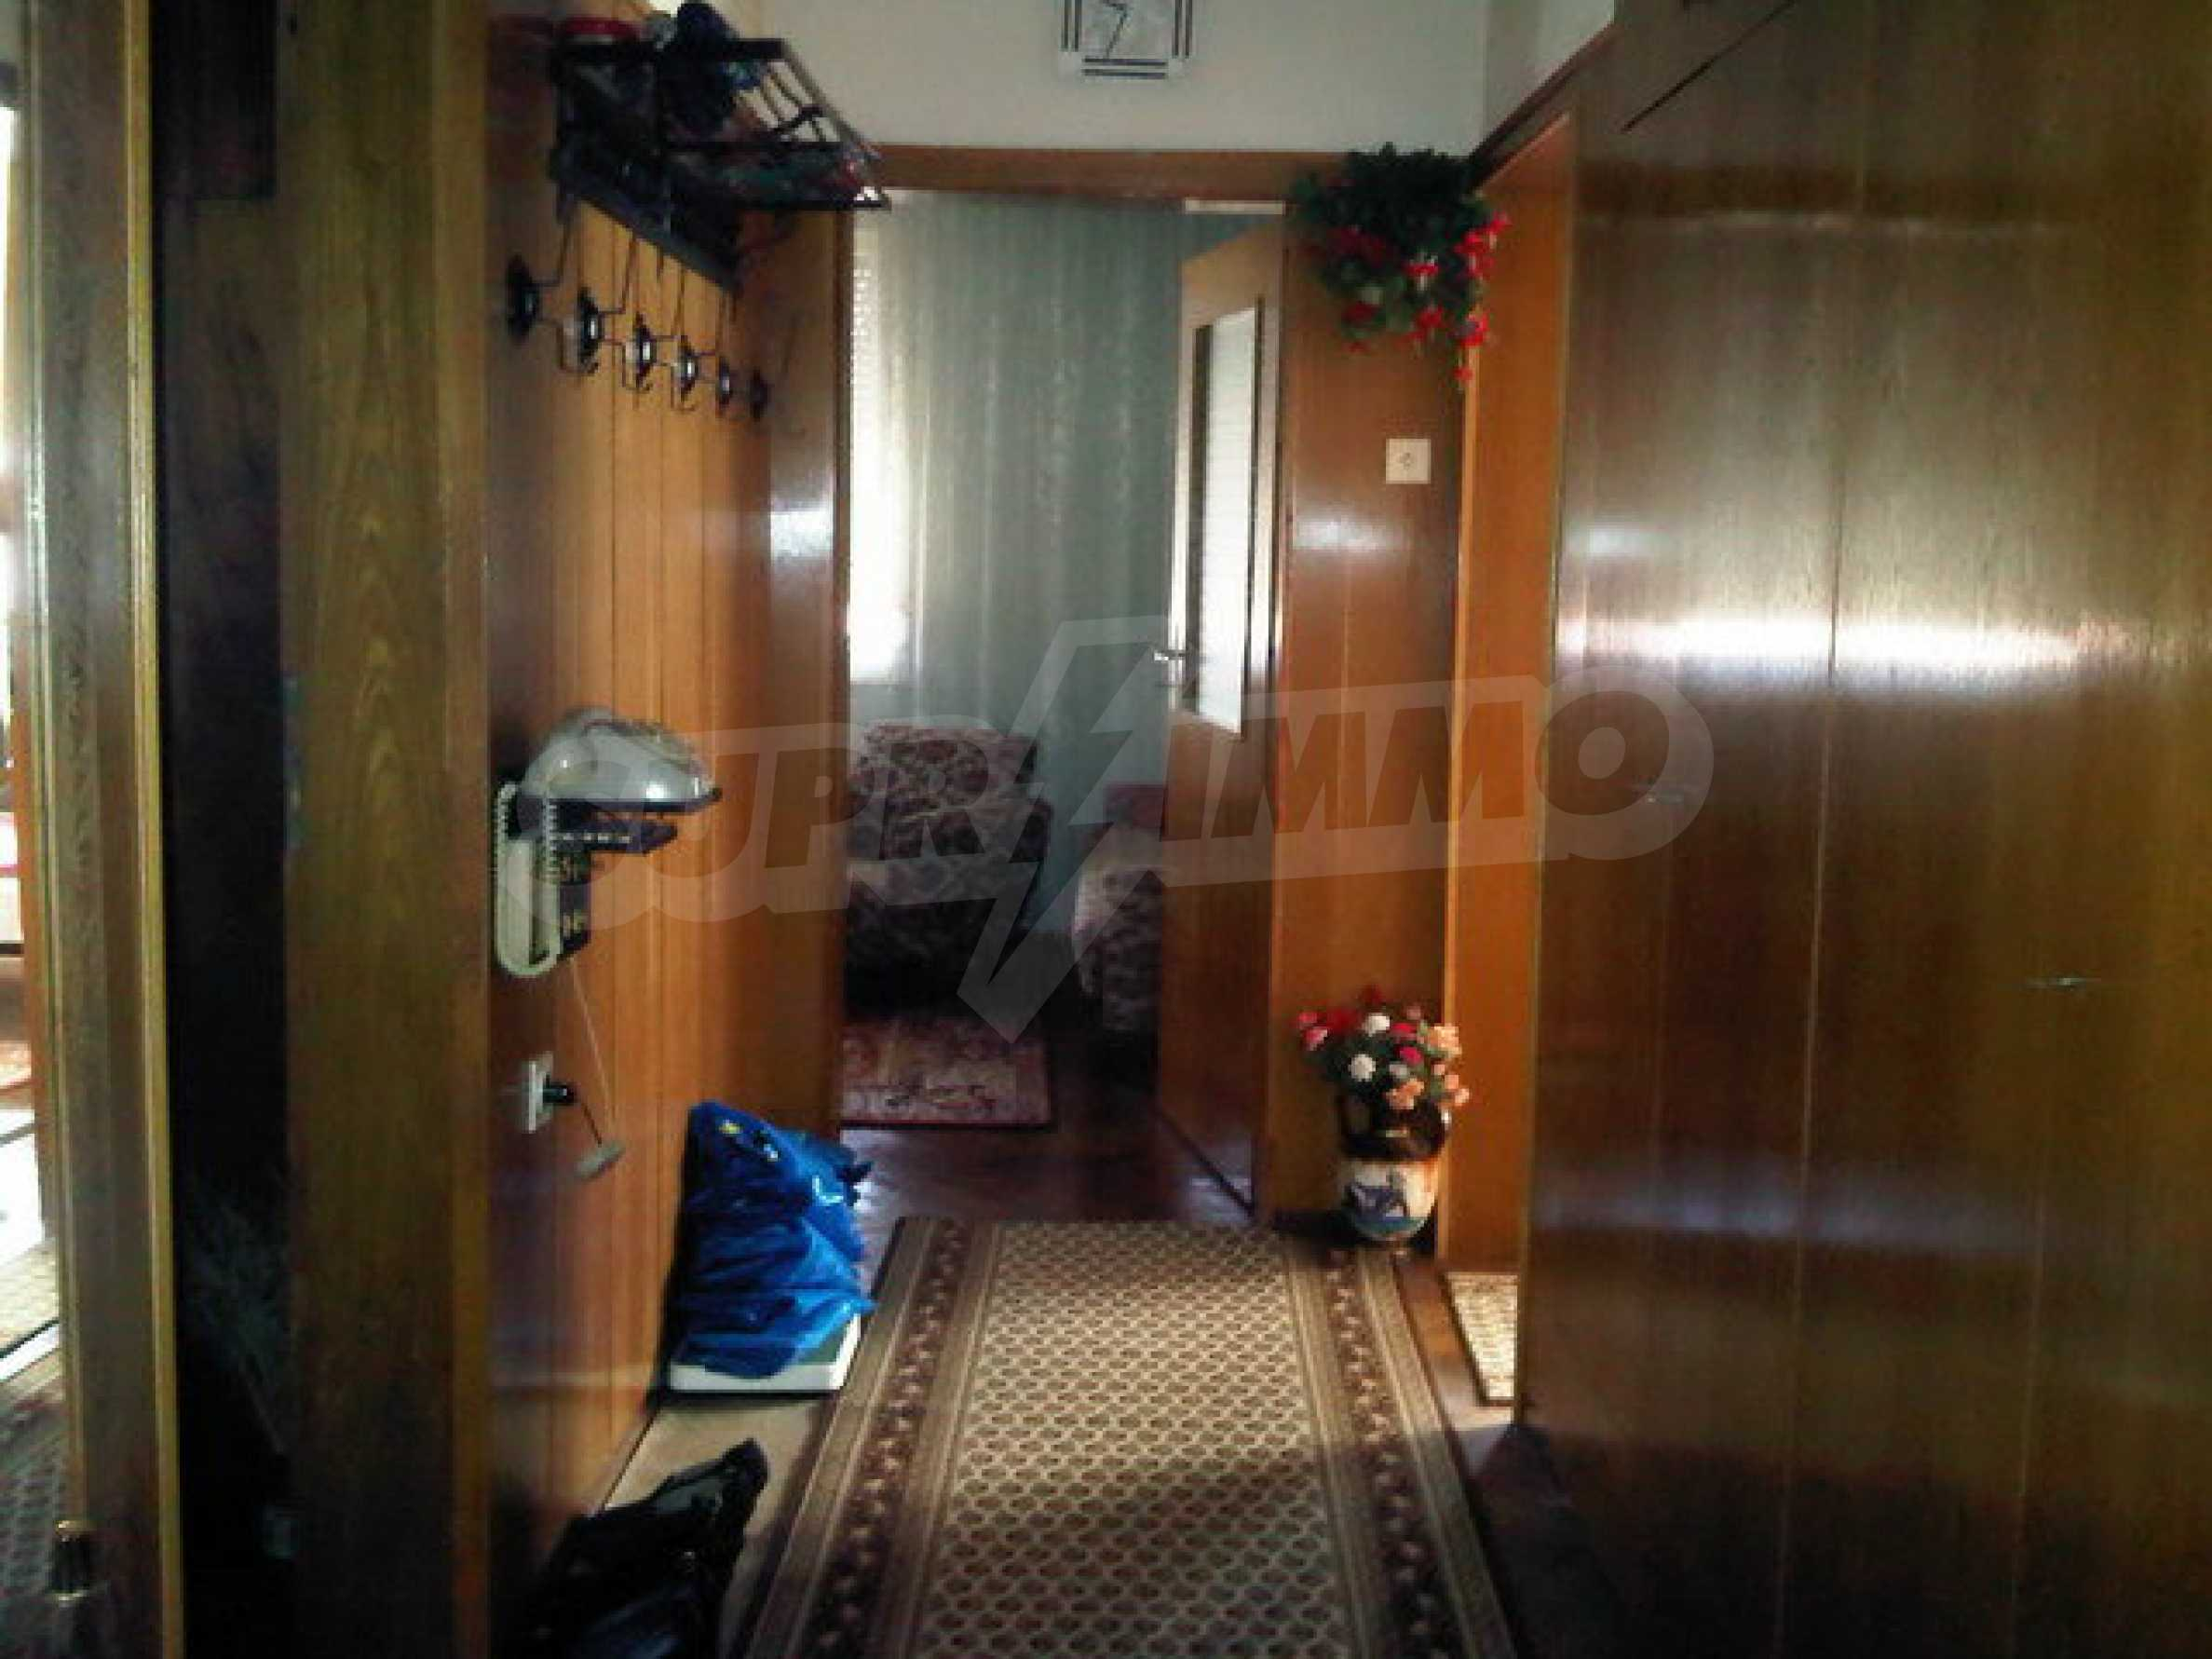 Четиристаен апартамент на втори етаж в сграда в неспосредственна близост центъра на град Севлиево 2